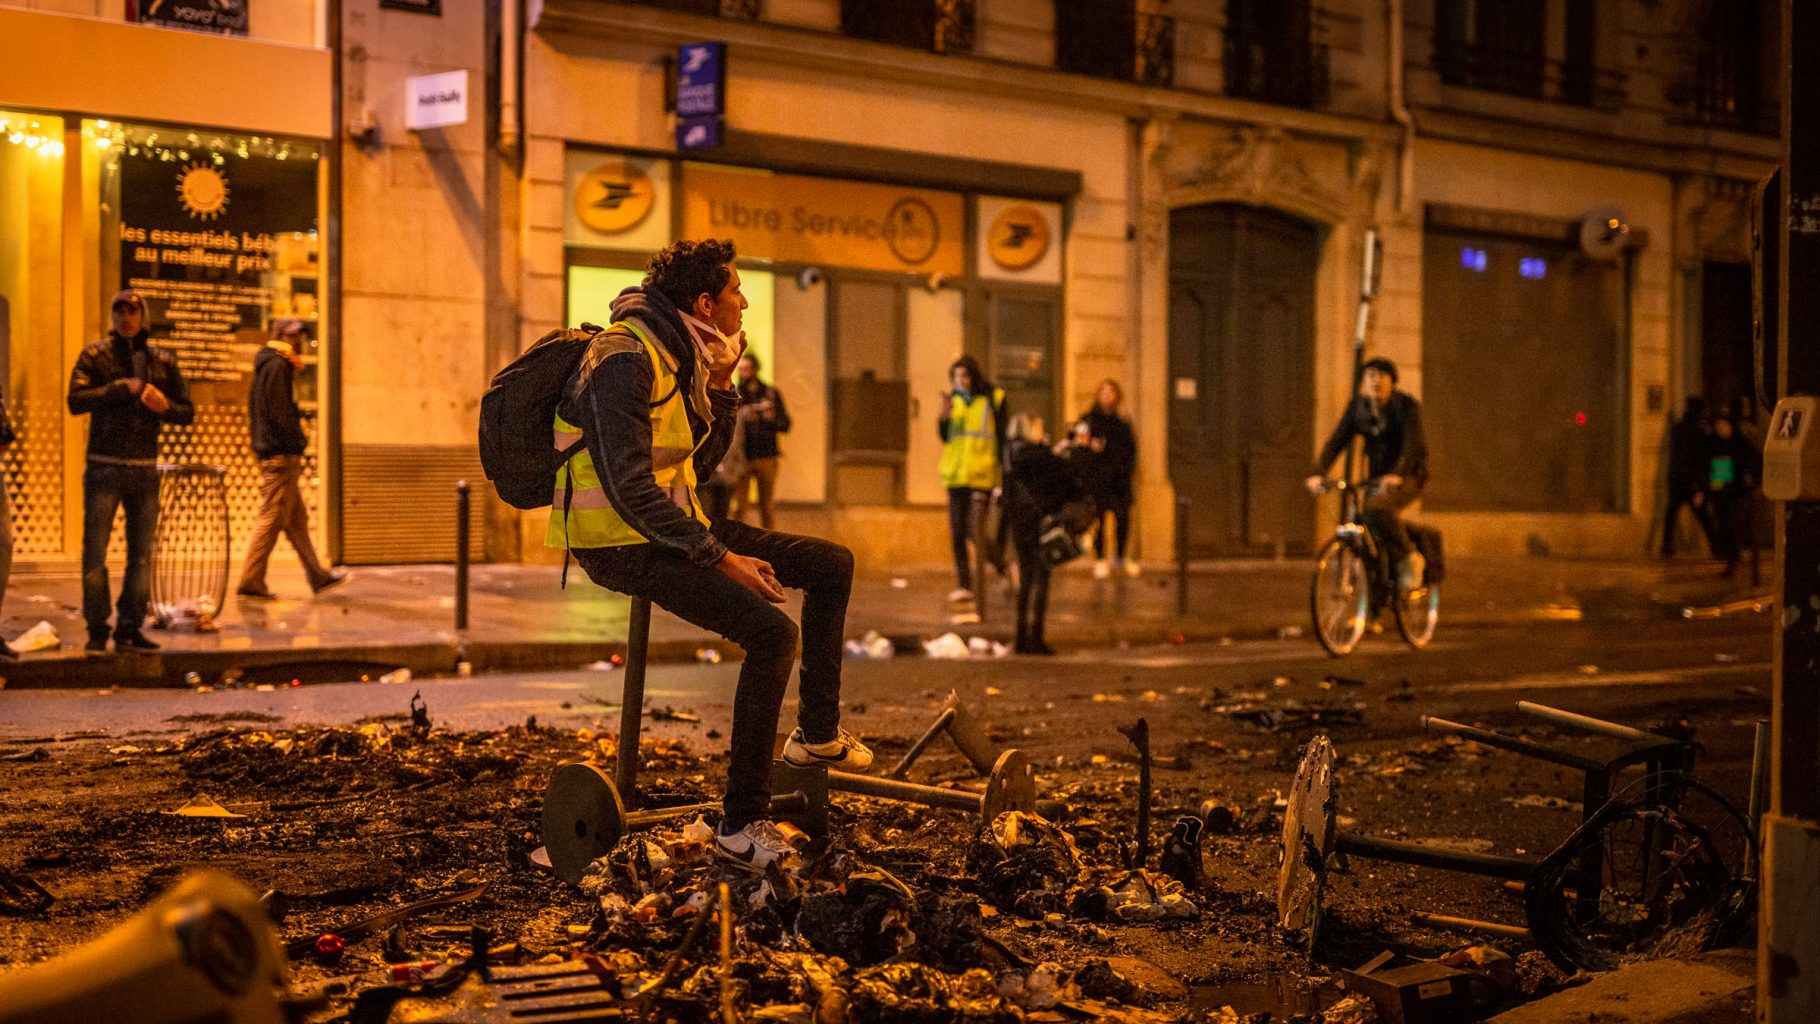 gilets jaunes-paris-manifestation-macron-violences-émeutes-guillaume galmiche-Highwire Photography